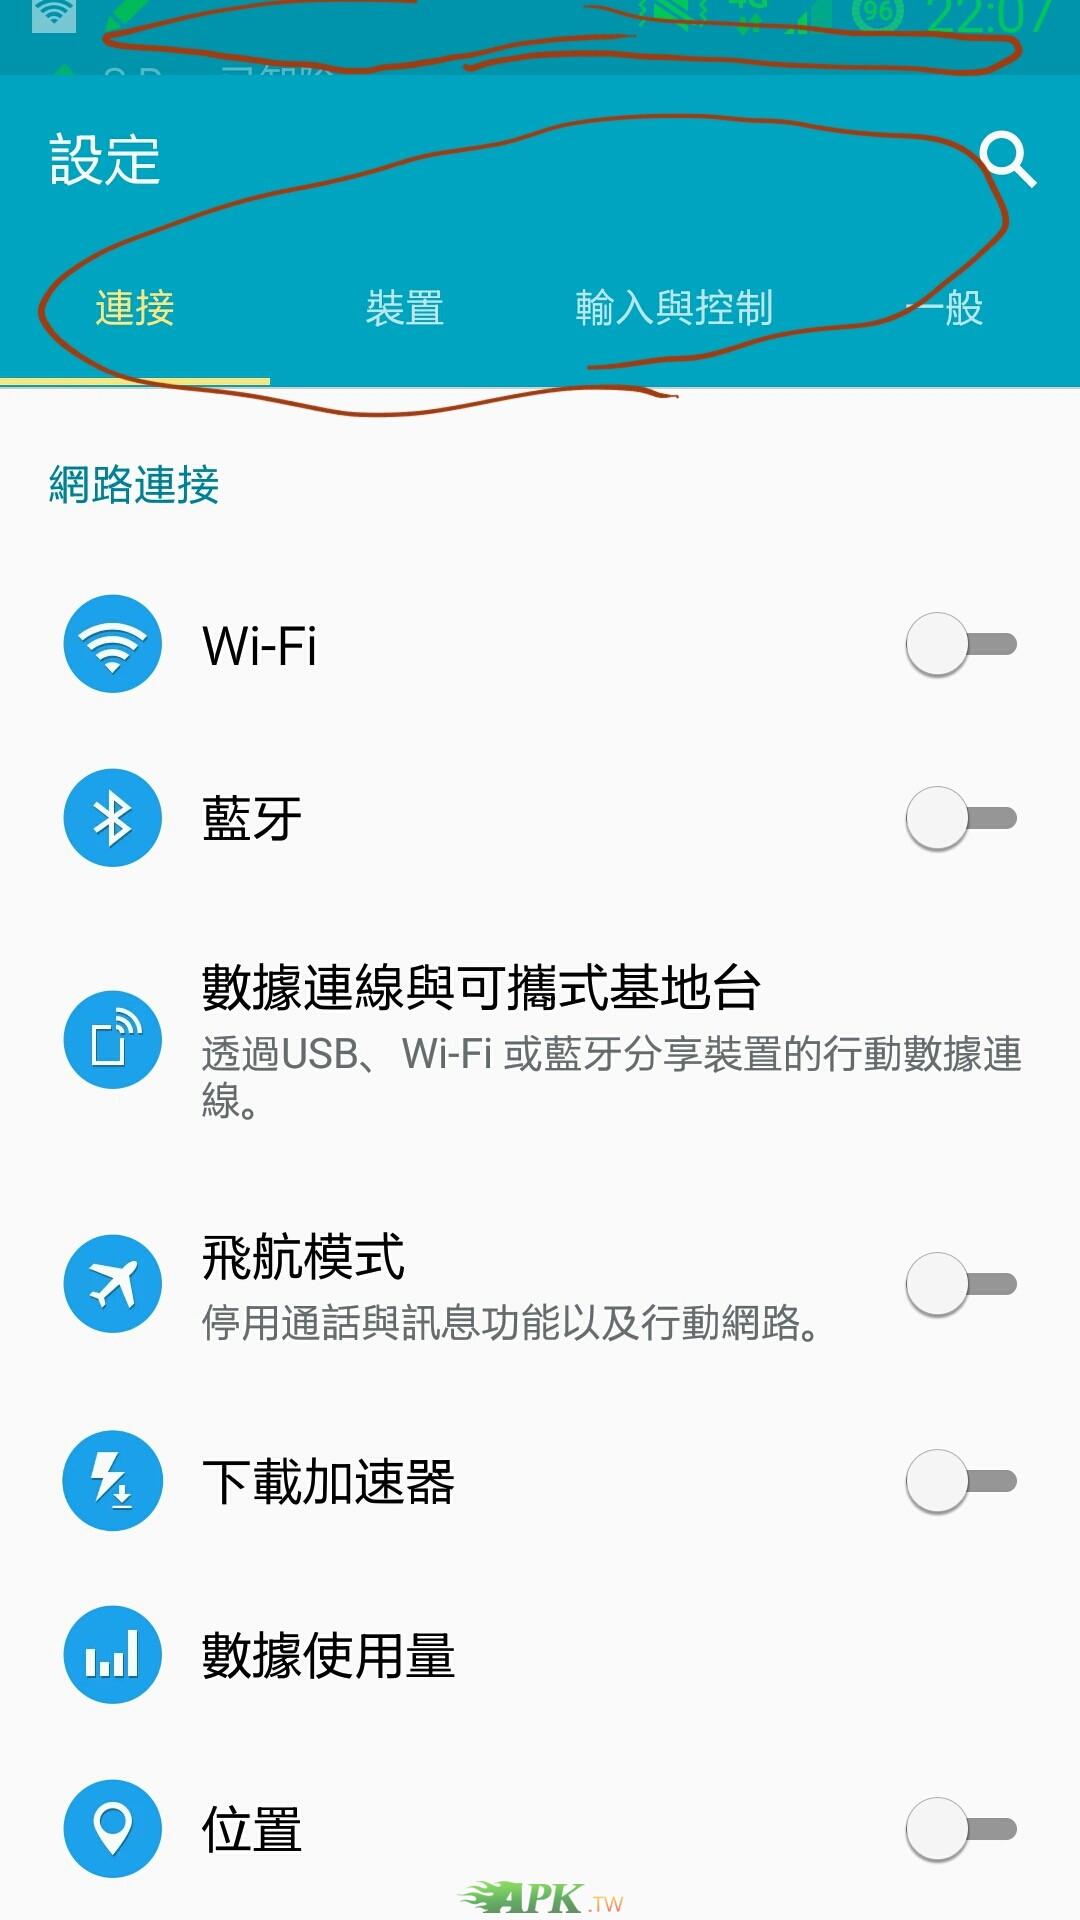 Screenshot_2017-02-23-22-07-53.jpg